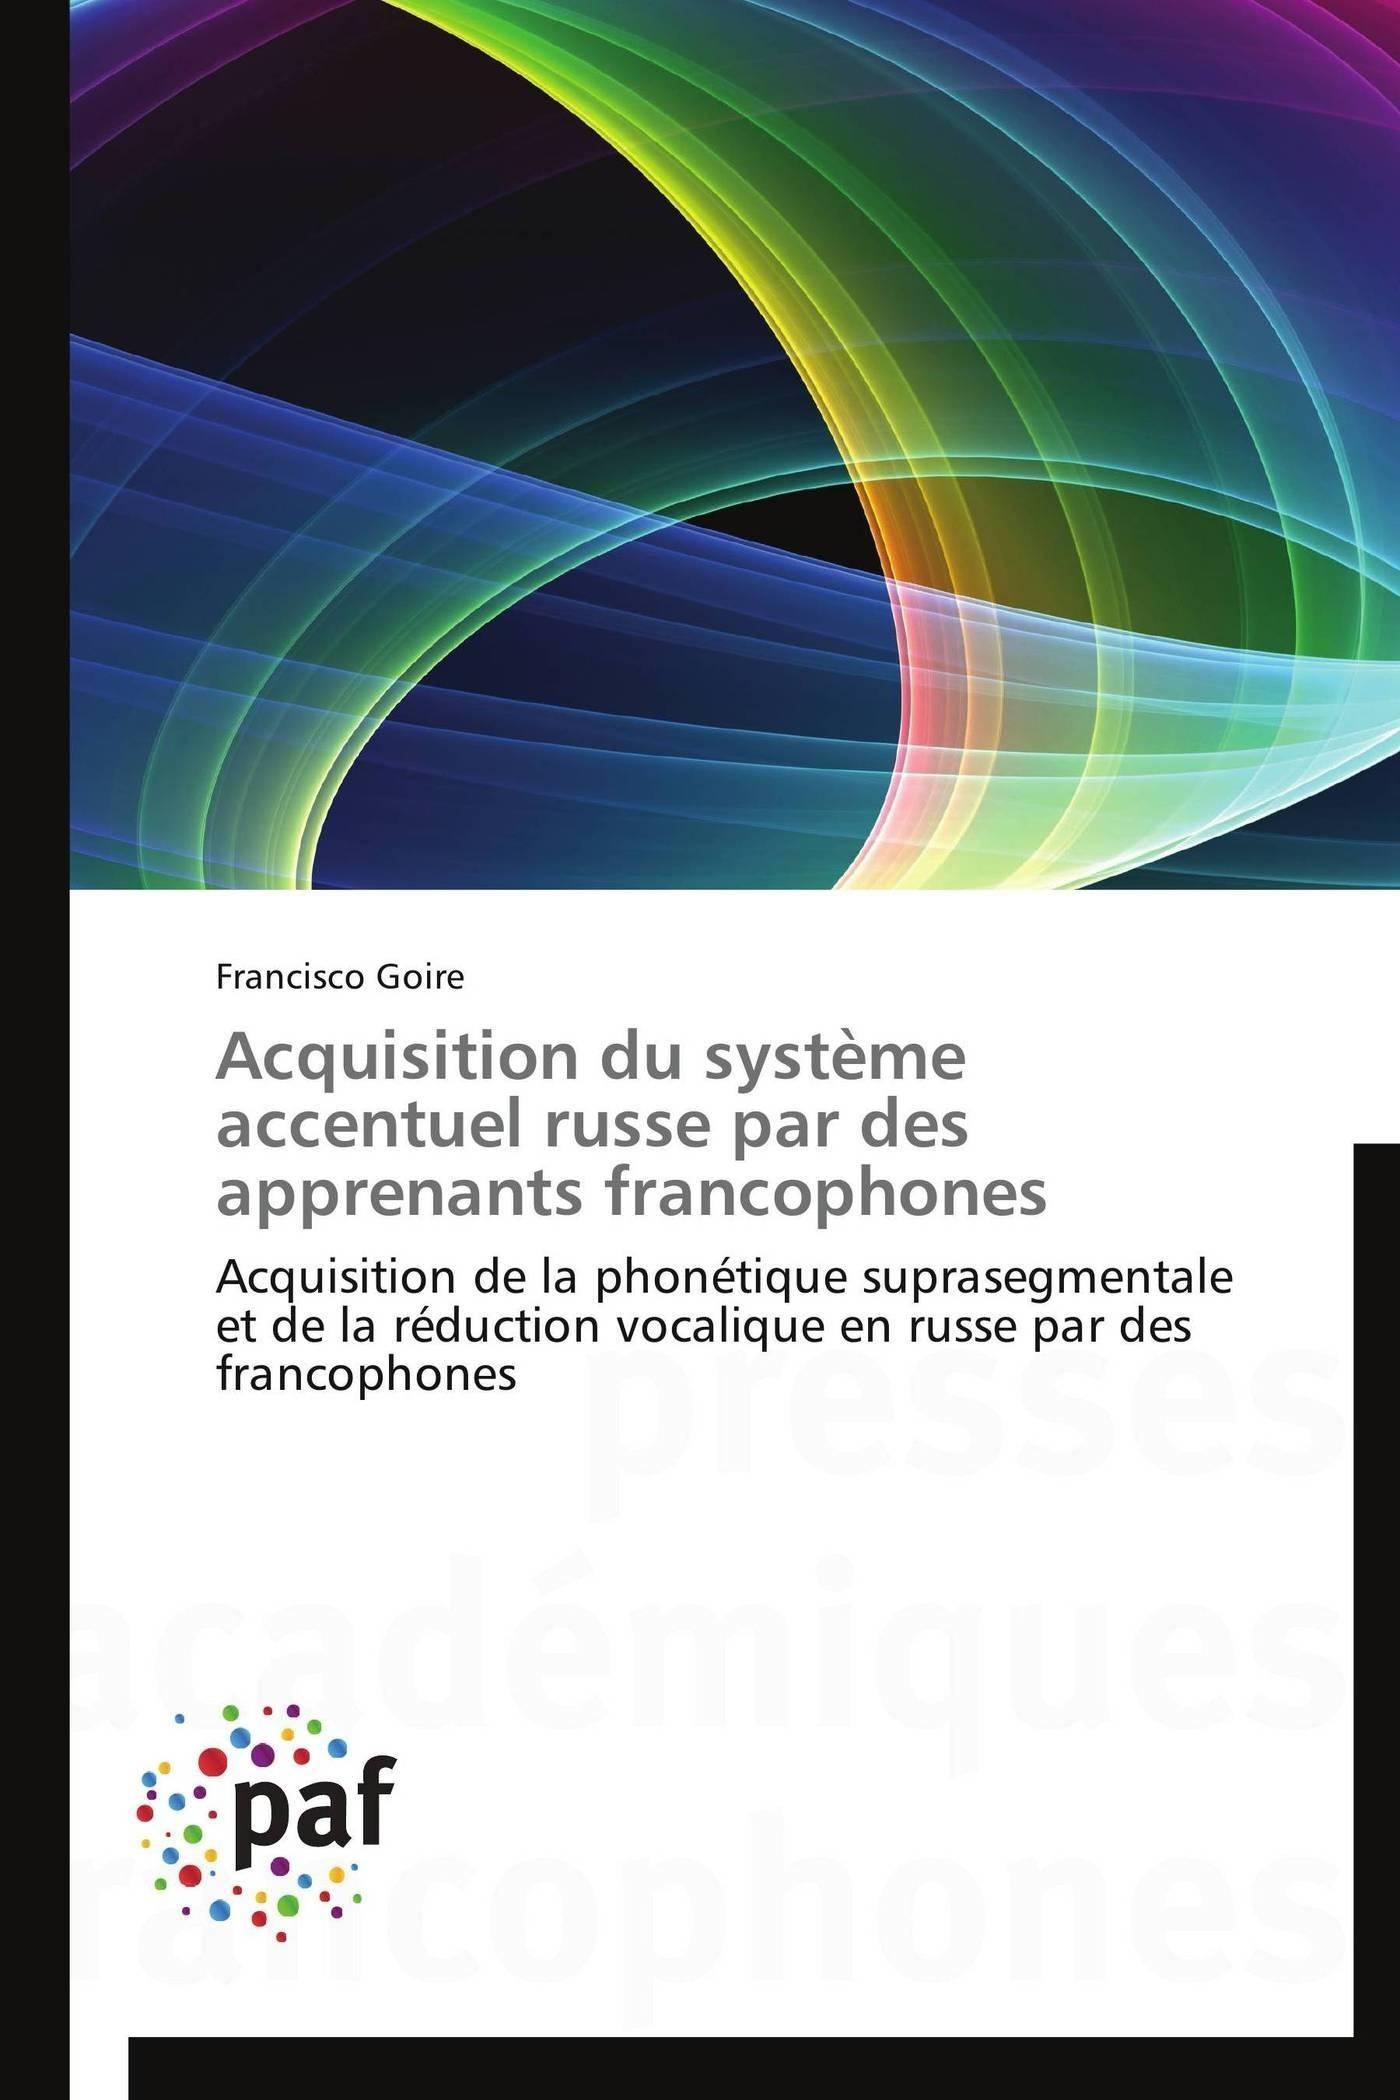 ACQUISITION DU SYSTEME ACCENTUEL RUSSE PAR DES APPRENANTS FRANCOPHONES